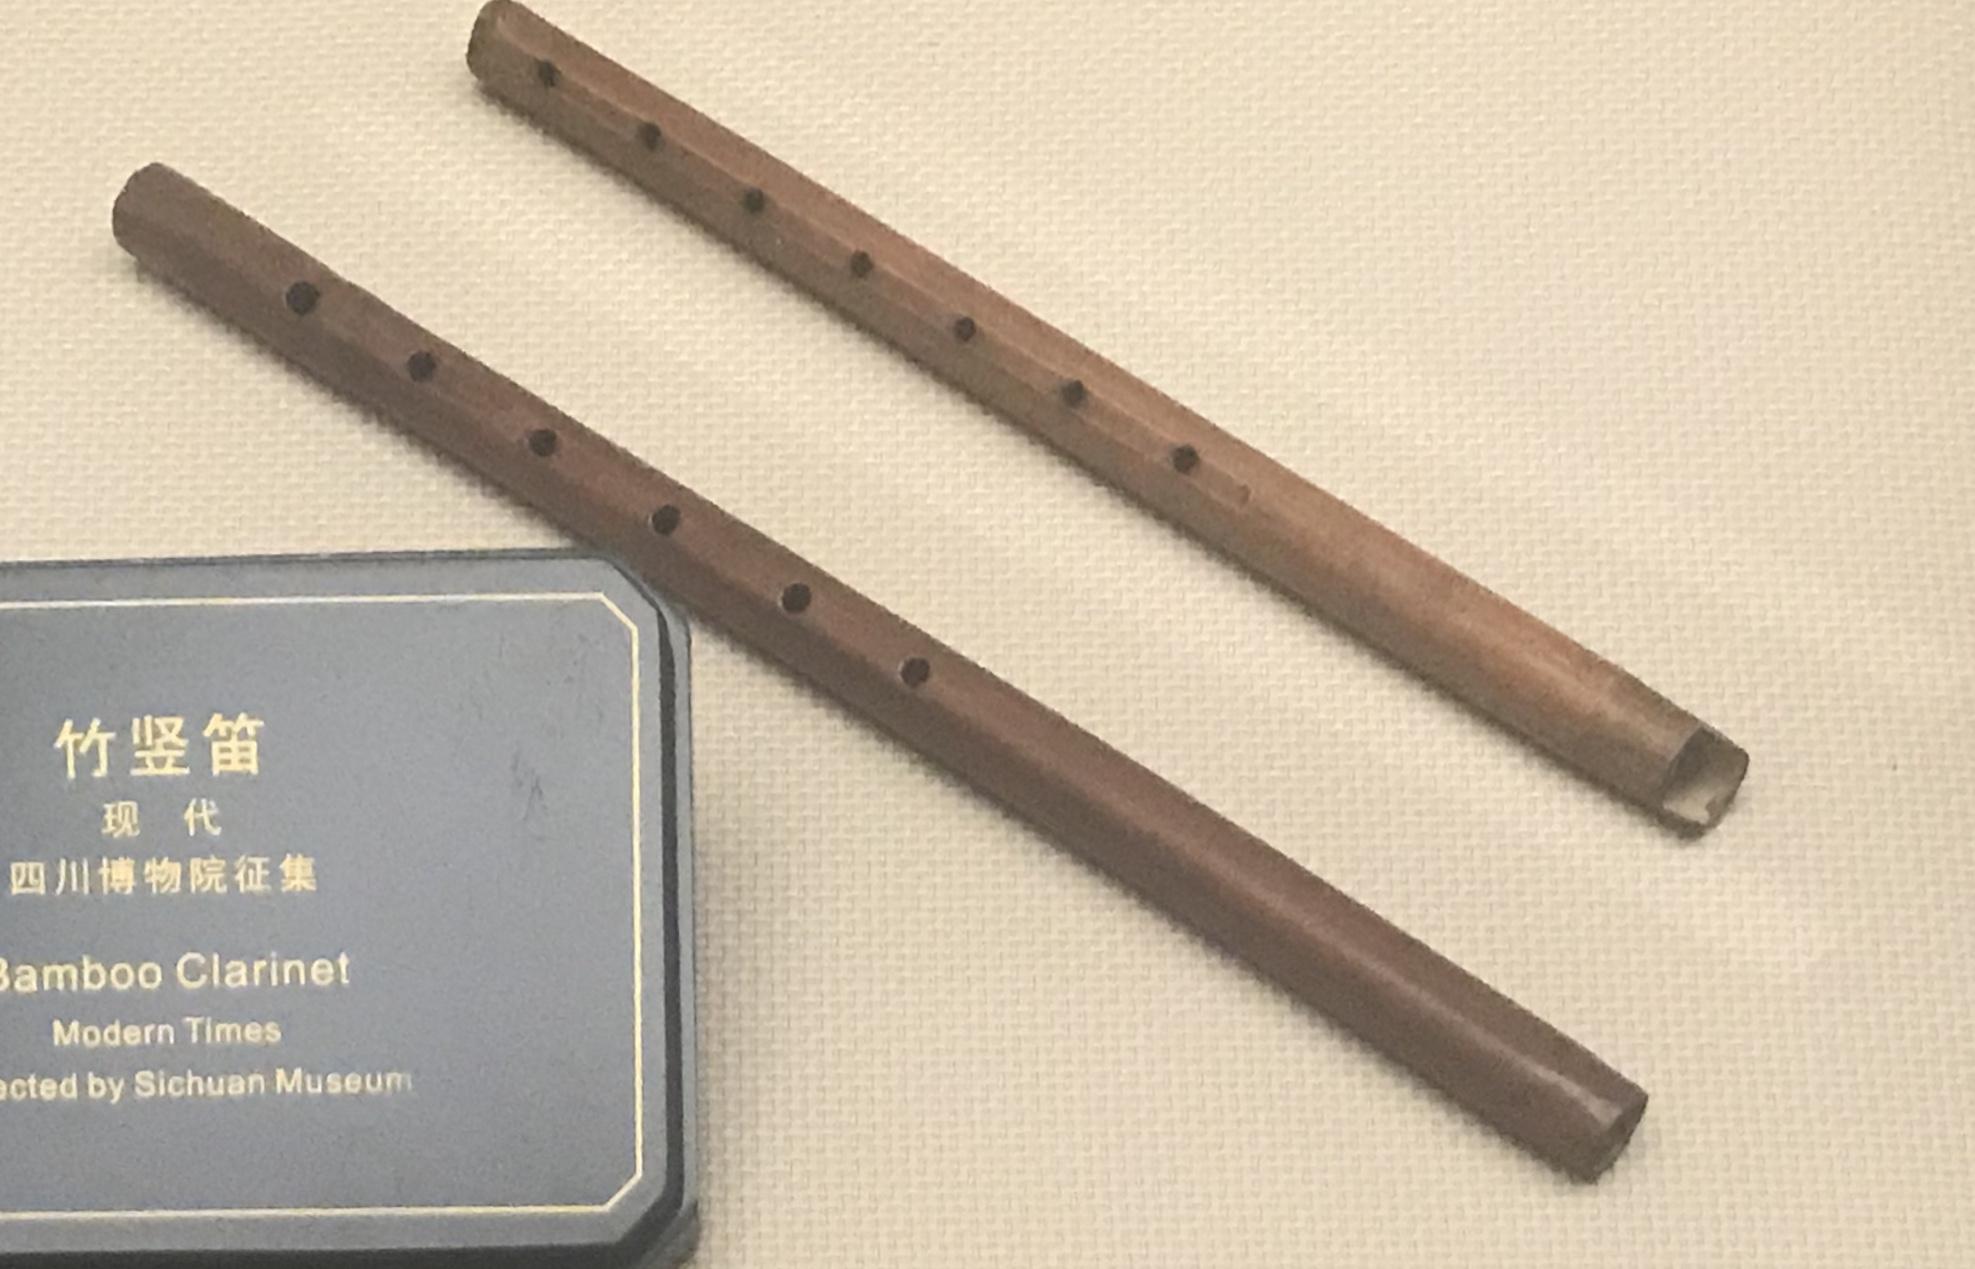 竹縦笛-彜族楽器-四川民族文物館-四川博物館-成都